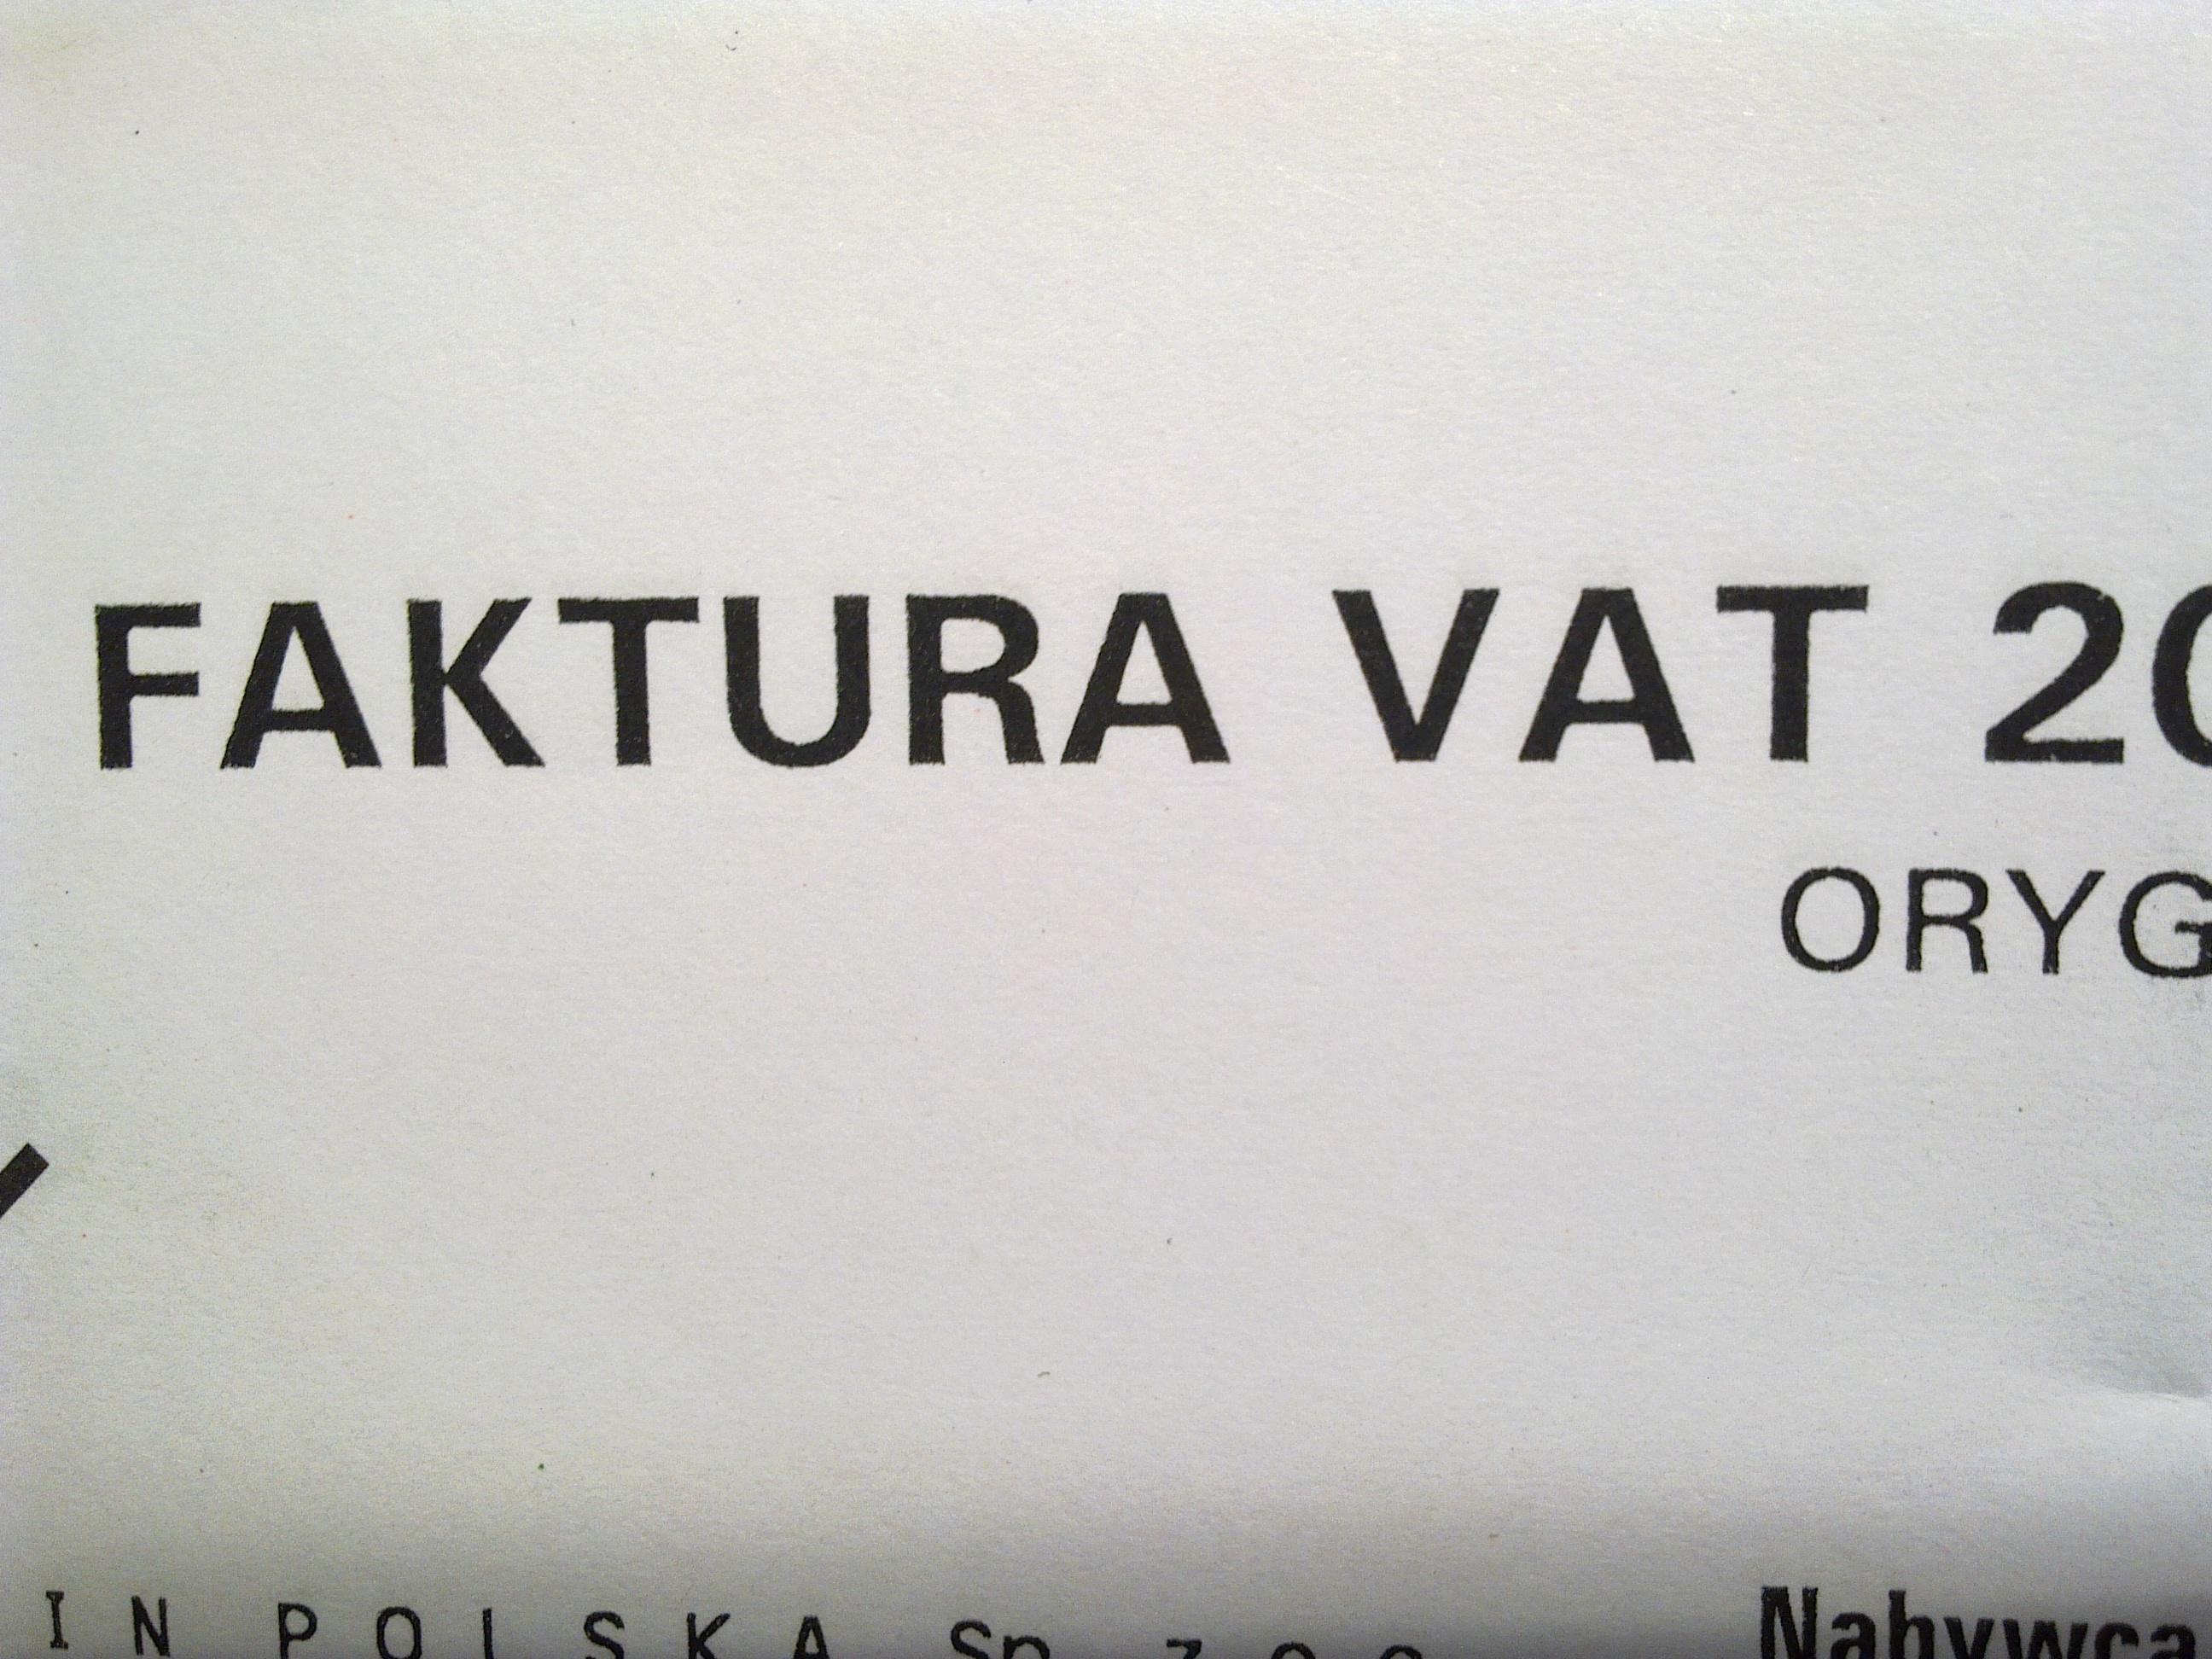 Prezydent zatwierdził odwrócony VAT